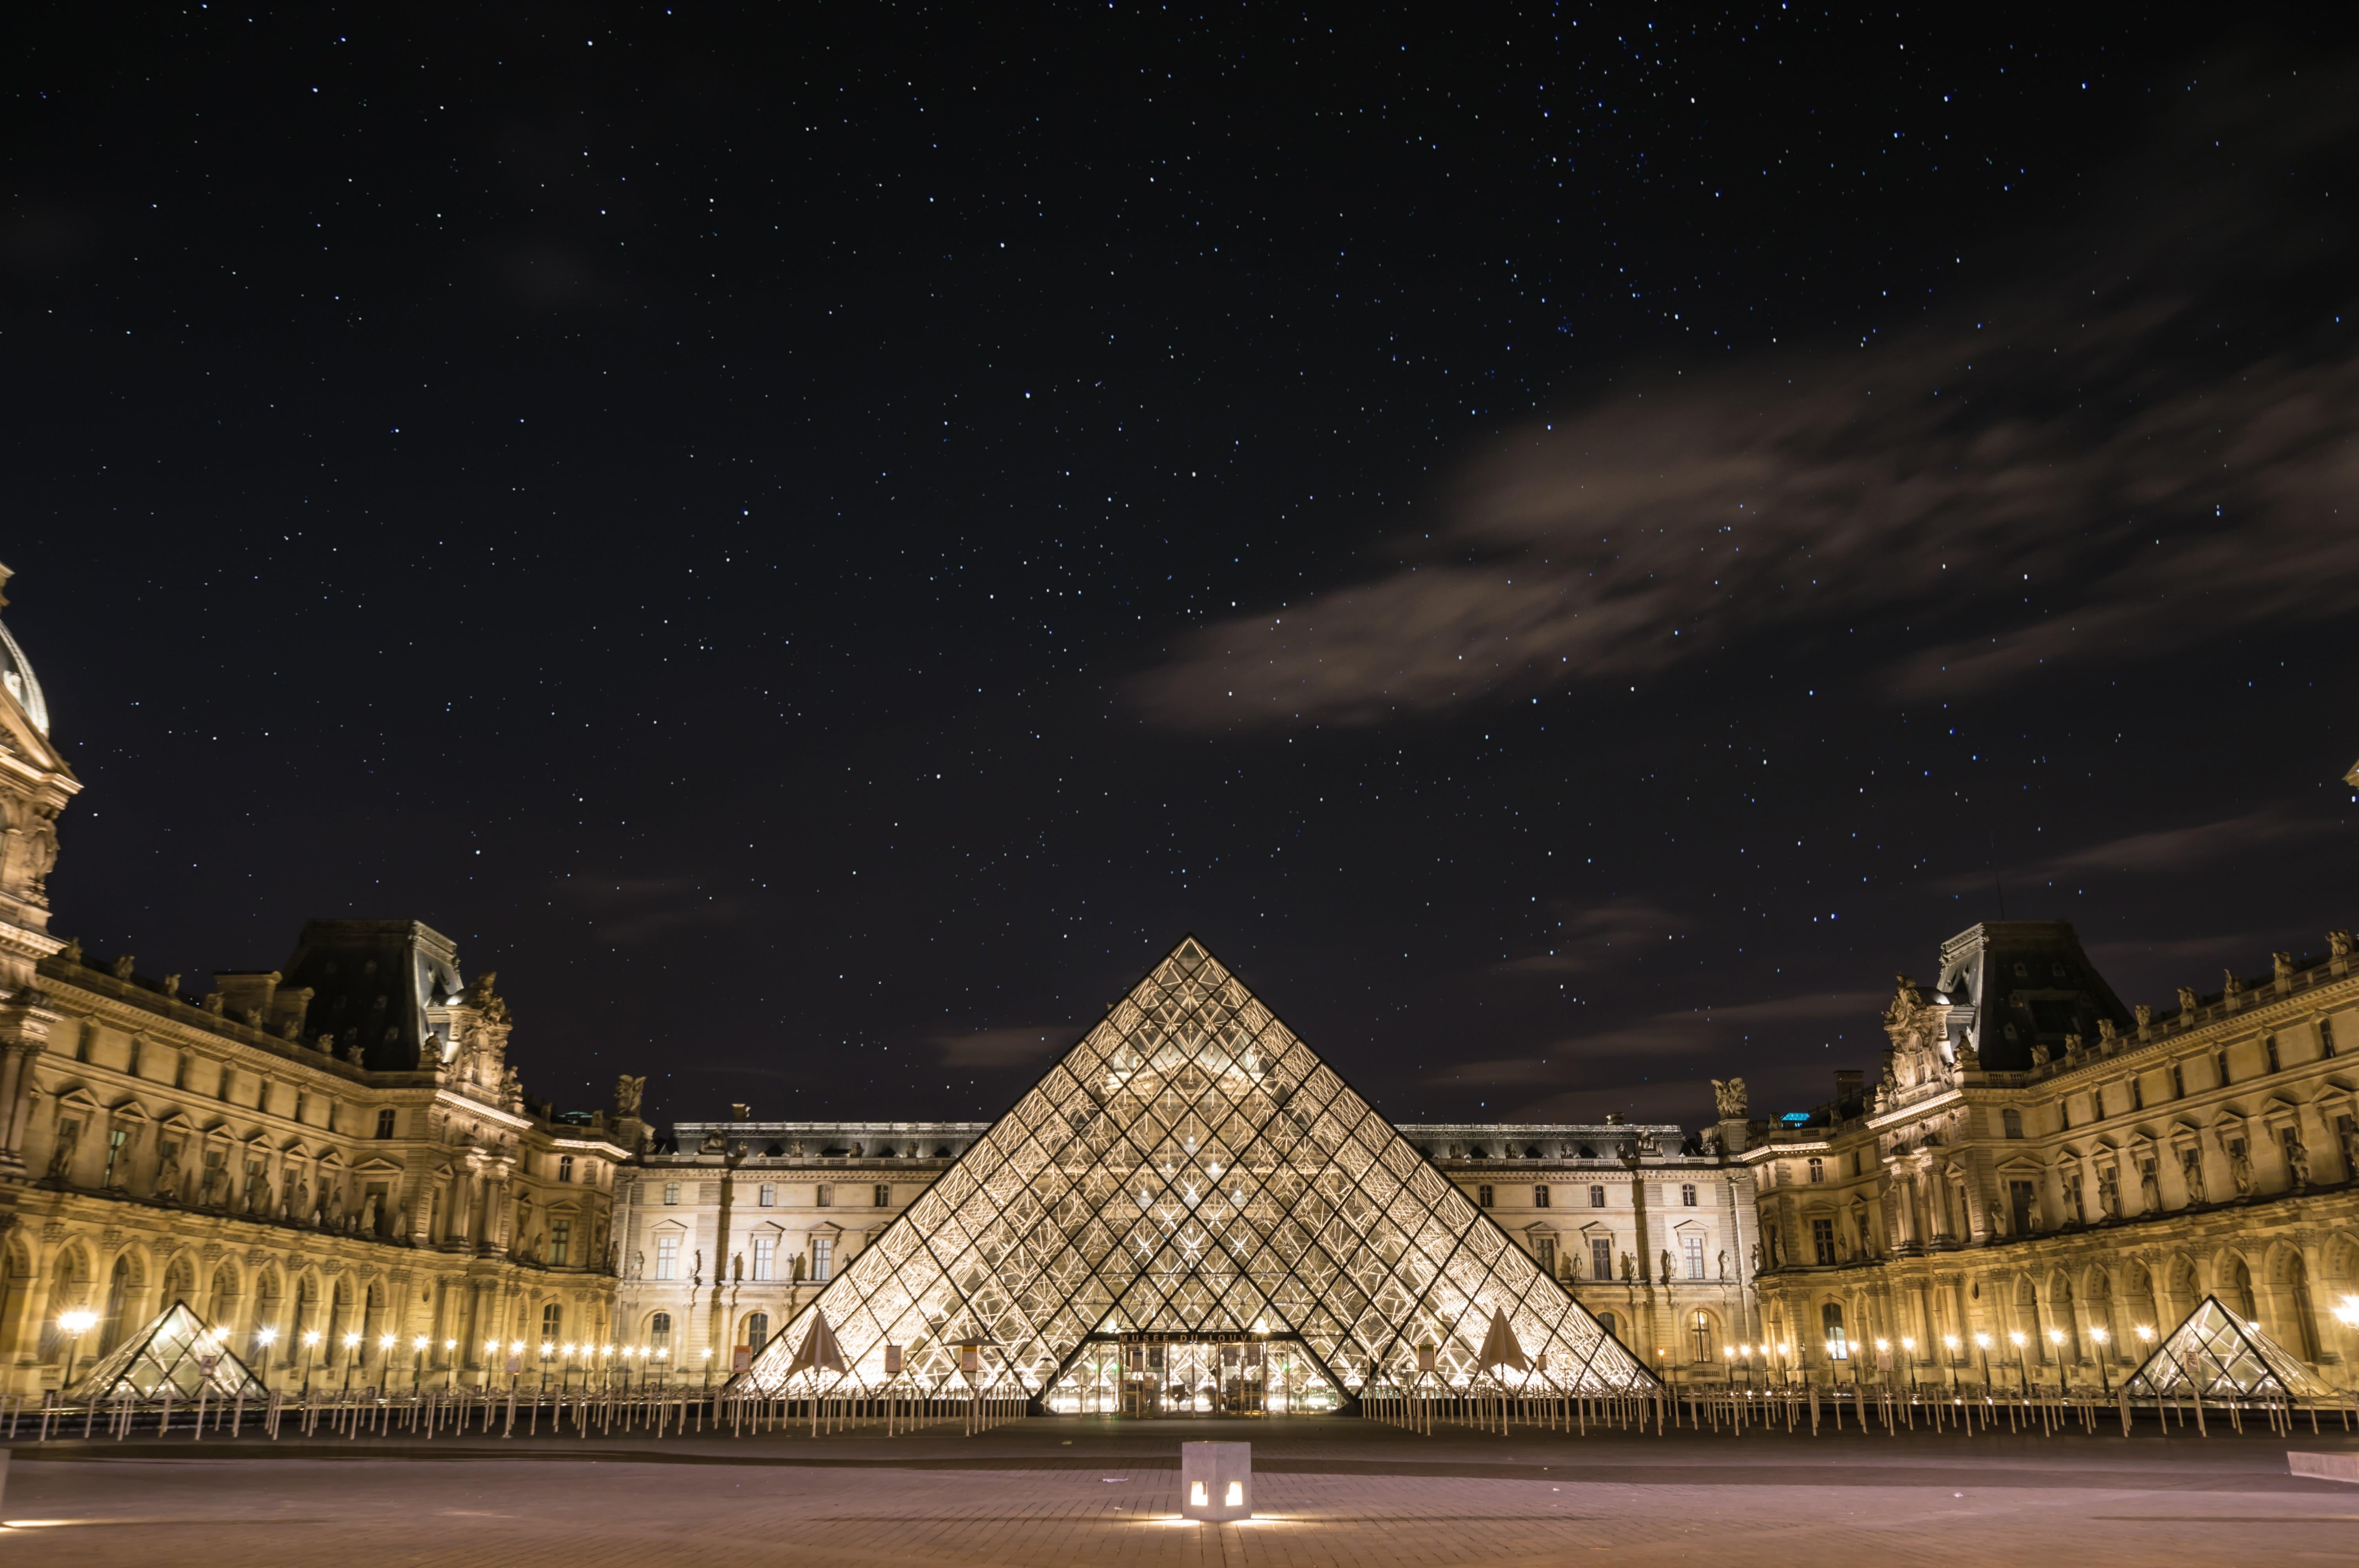 ส่วนลด บัตร พิพิธภัณฑ์ Louvre